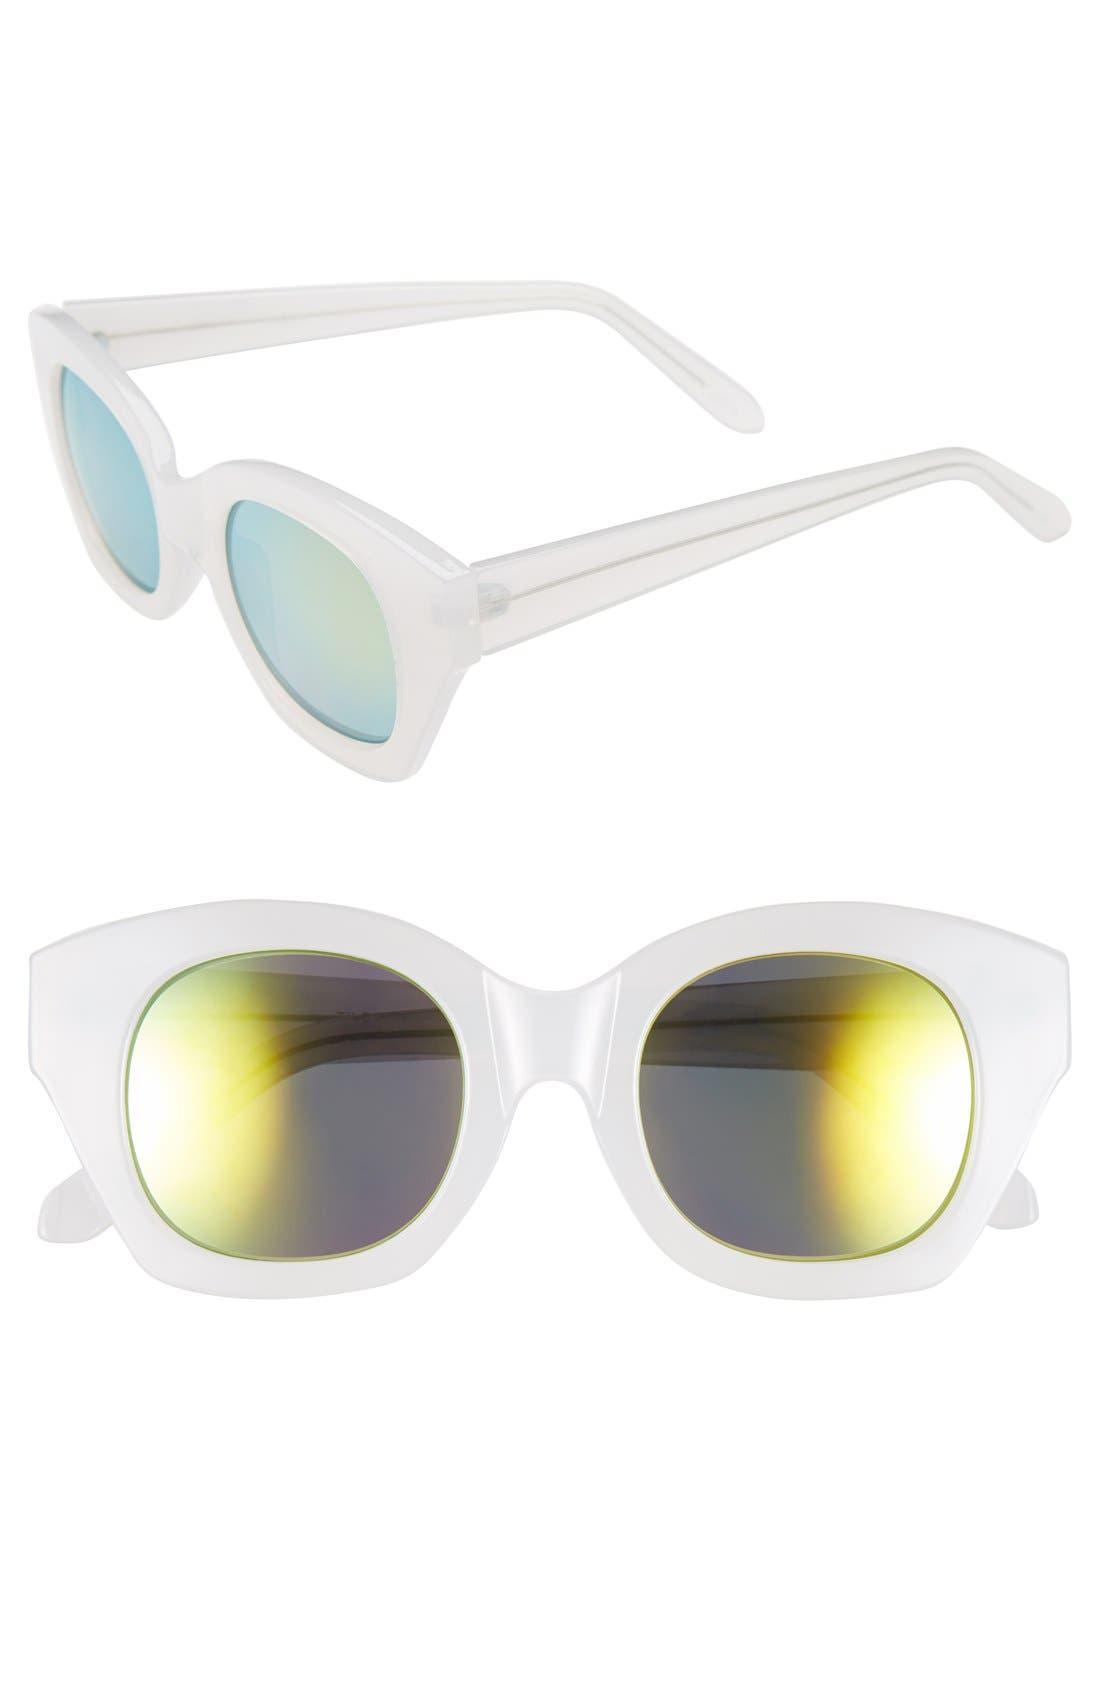 Alternate Image 1 Selected - Tildon 45mm Retro Sunglasses